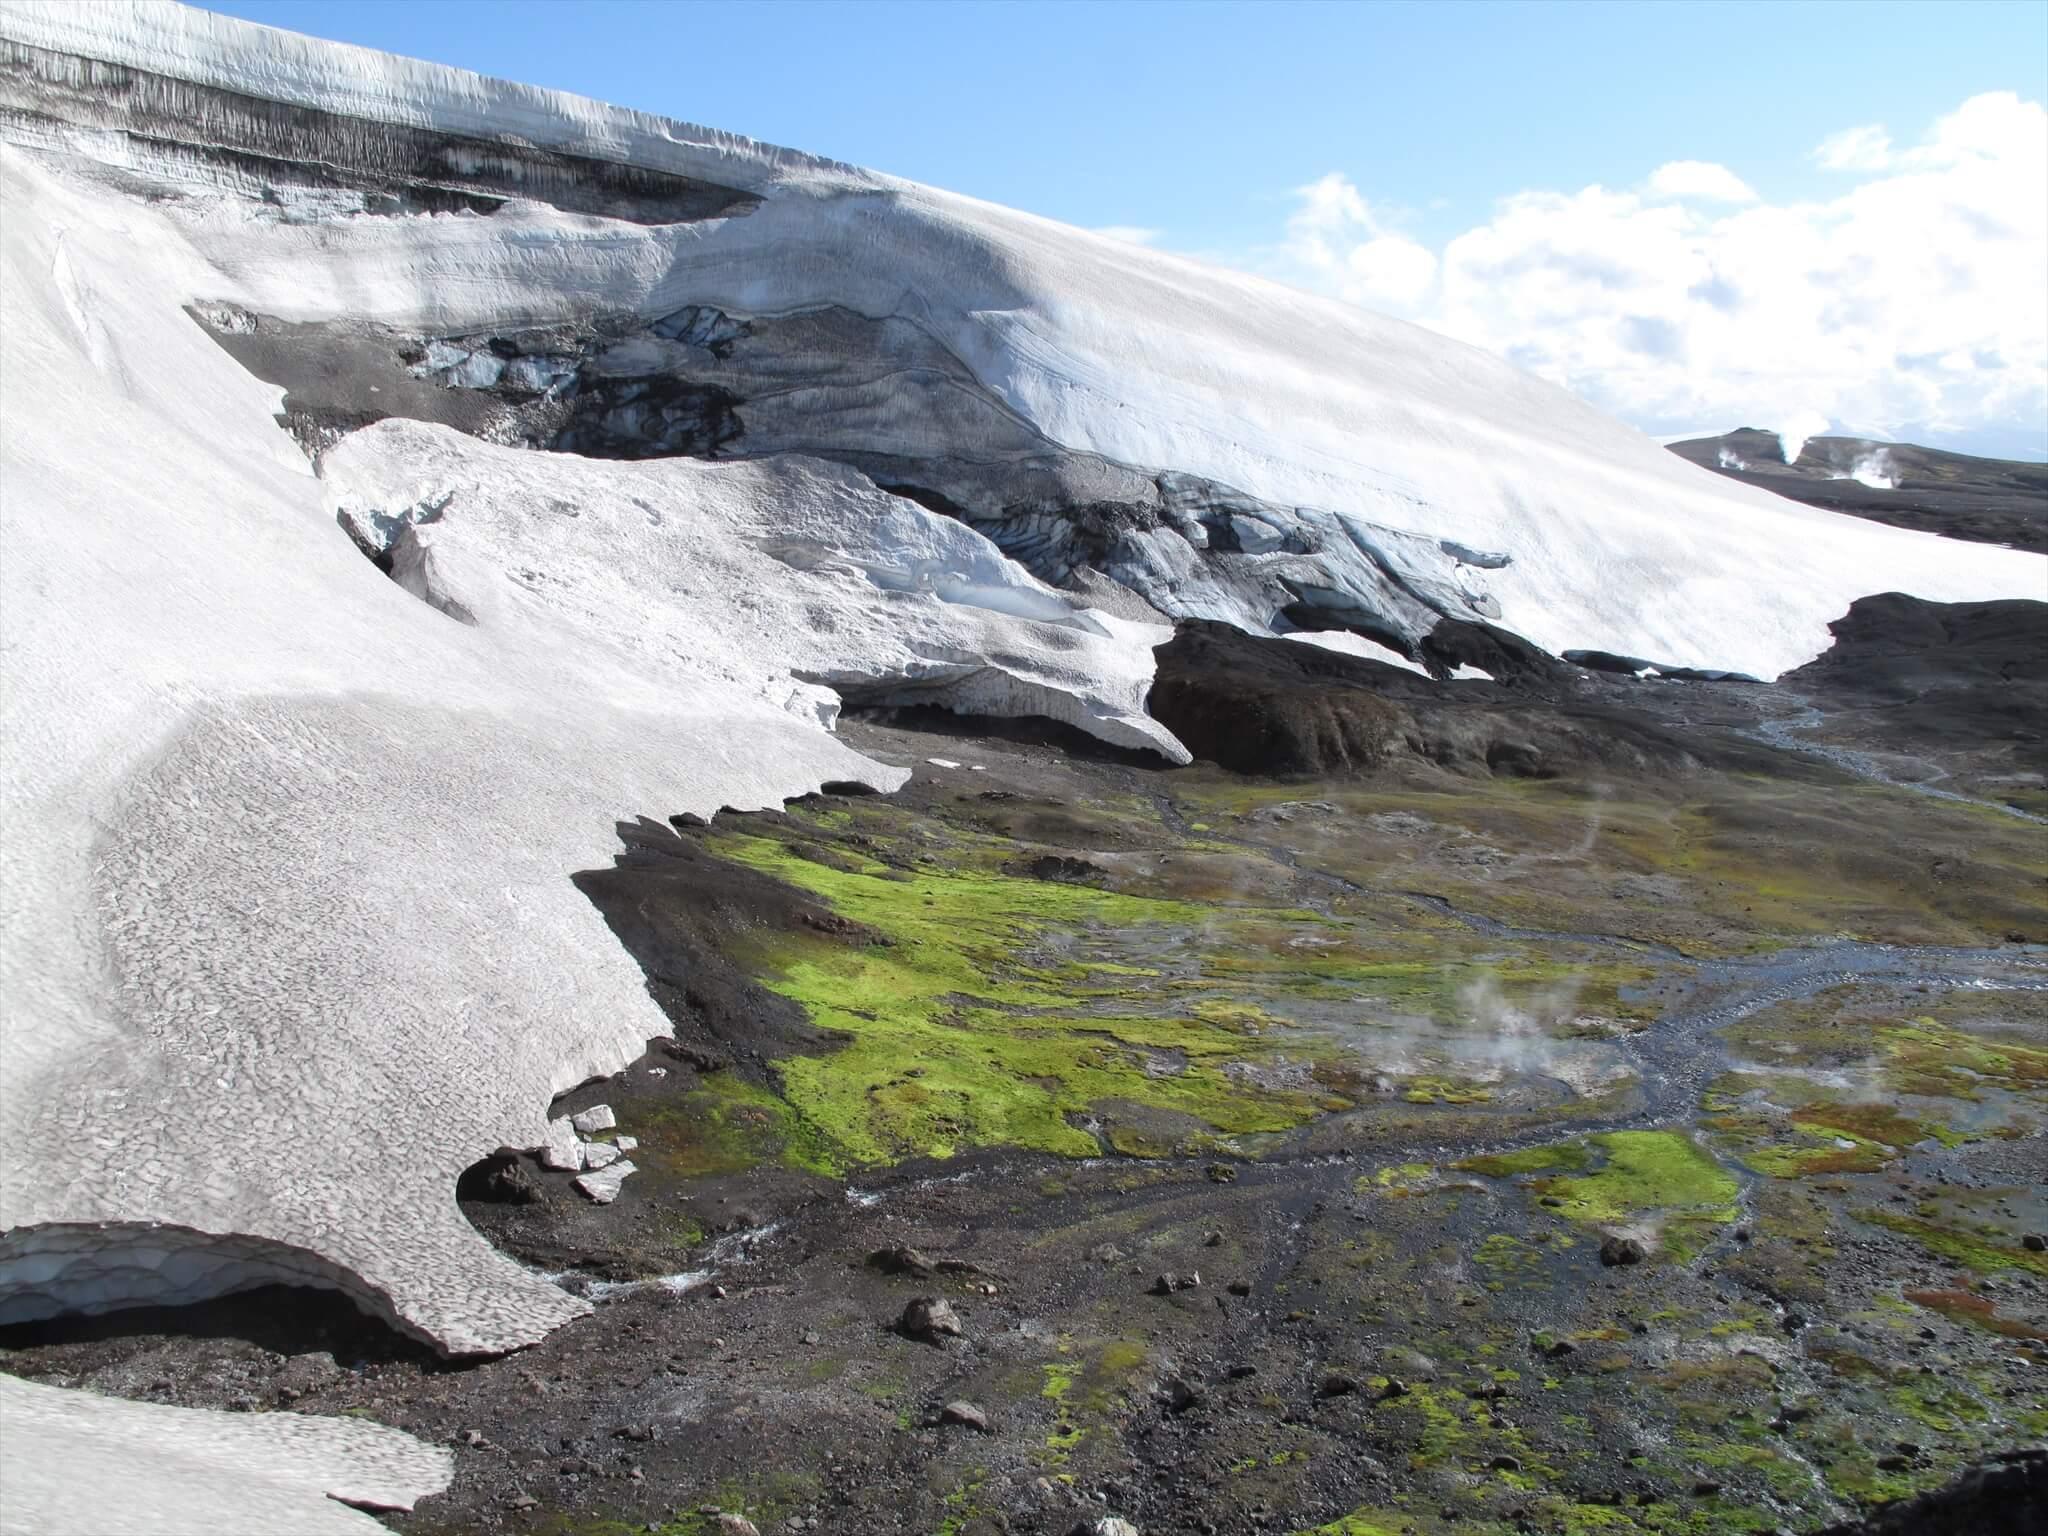 アイスランドの「ロイガヴェーグルトレイル」にあるスノーケイブ